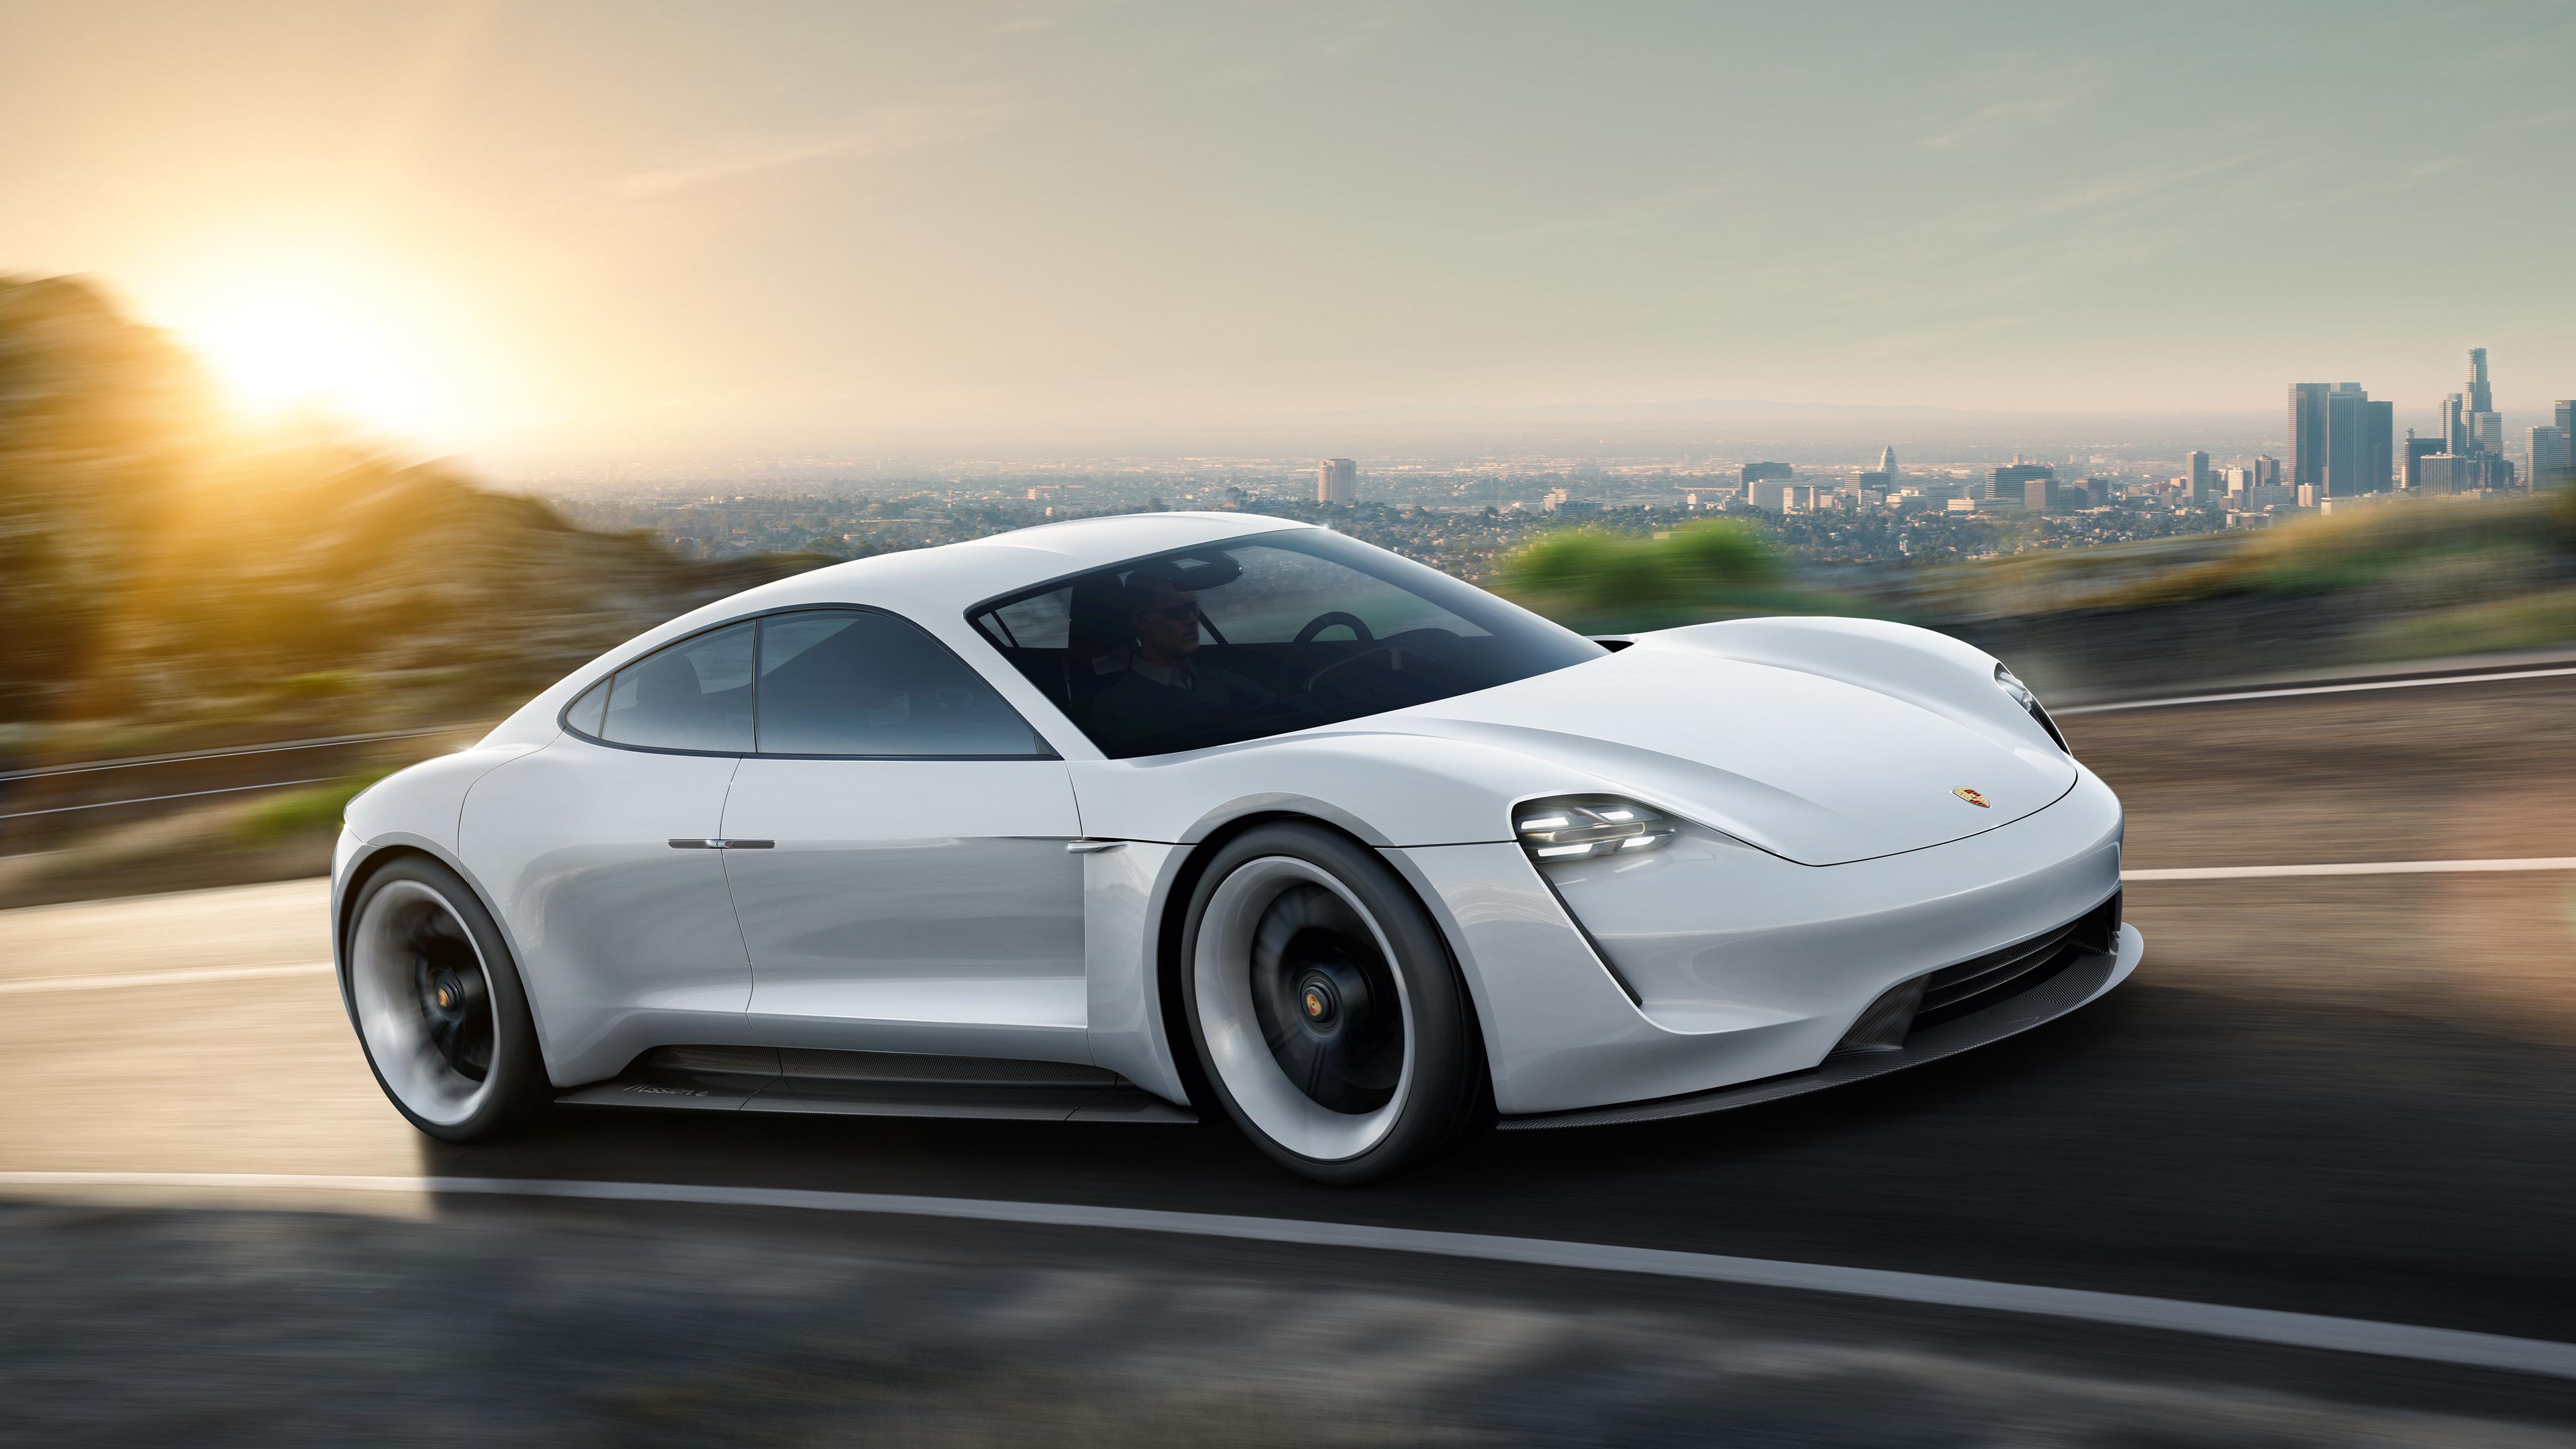 Porsche Design Talk: Mission E